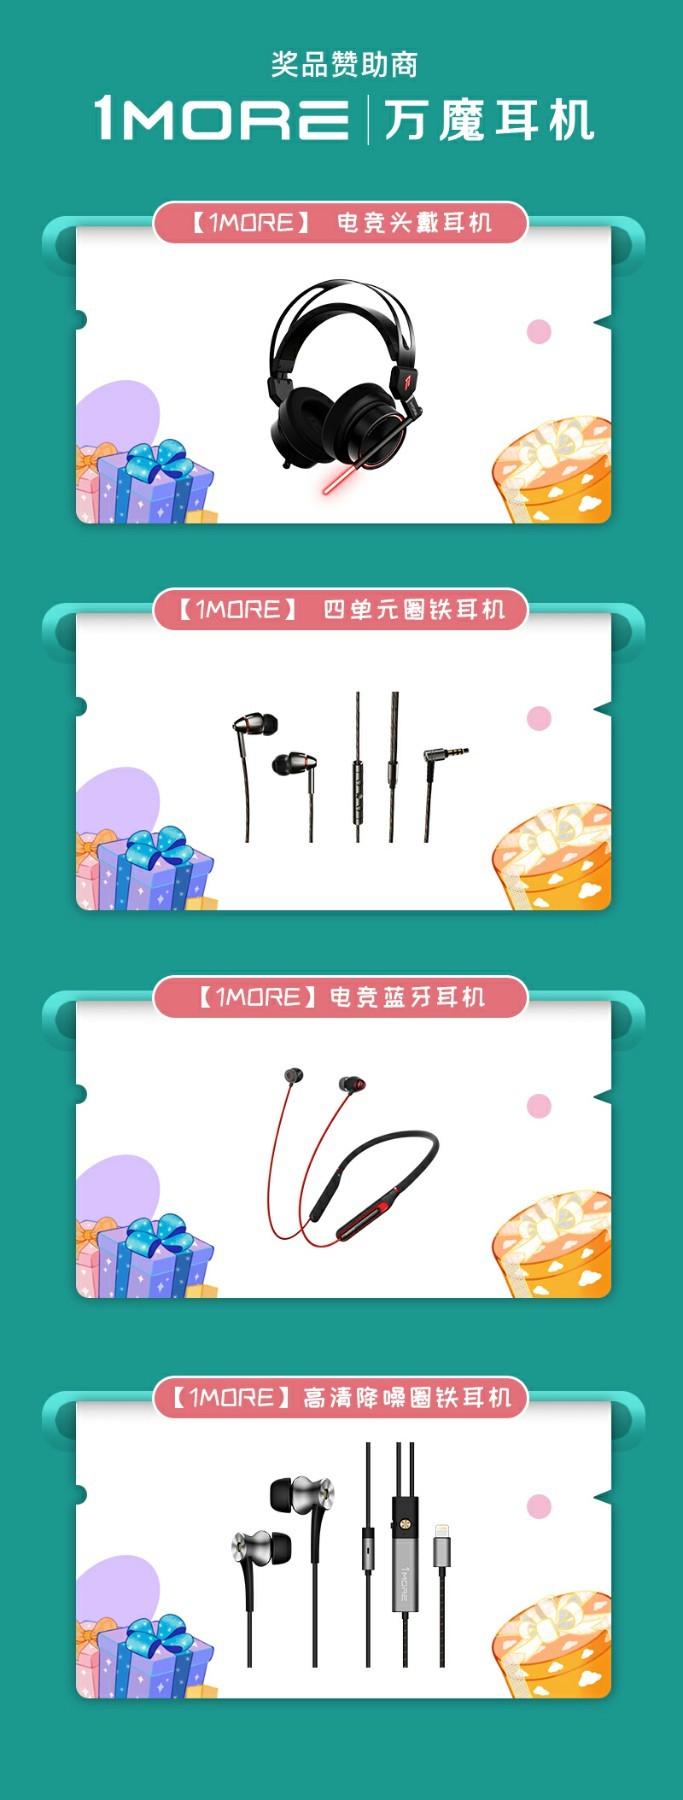 2019 ChinaJoy 封面大赛第五周周优秀票选结果公布-C3动漫网